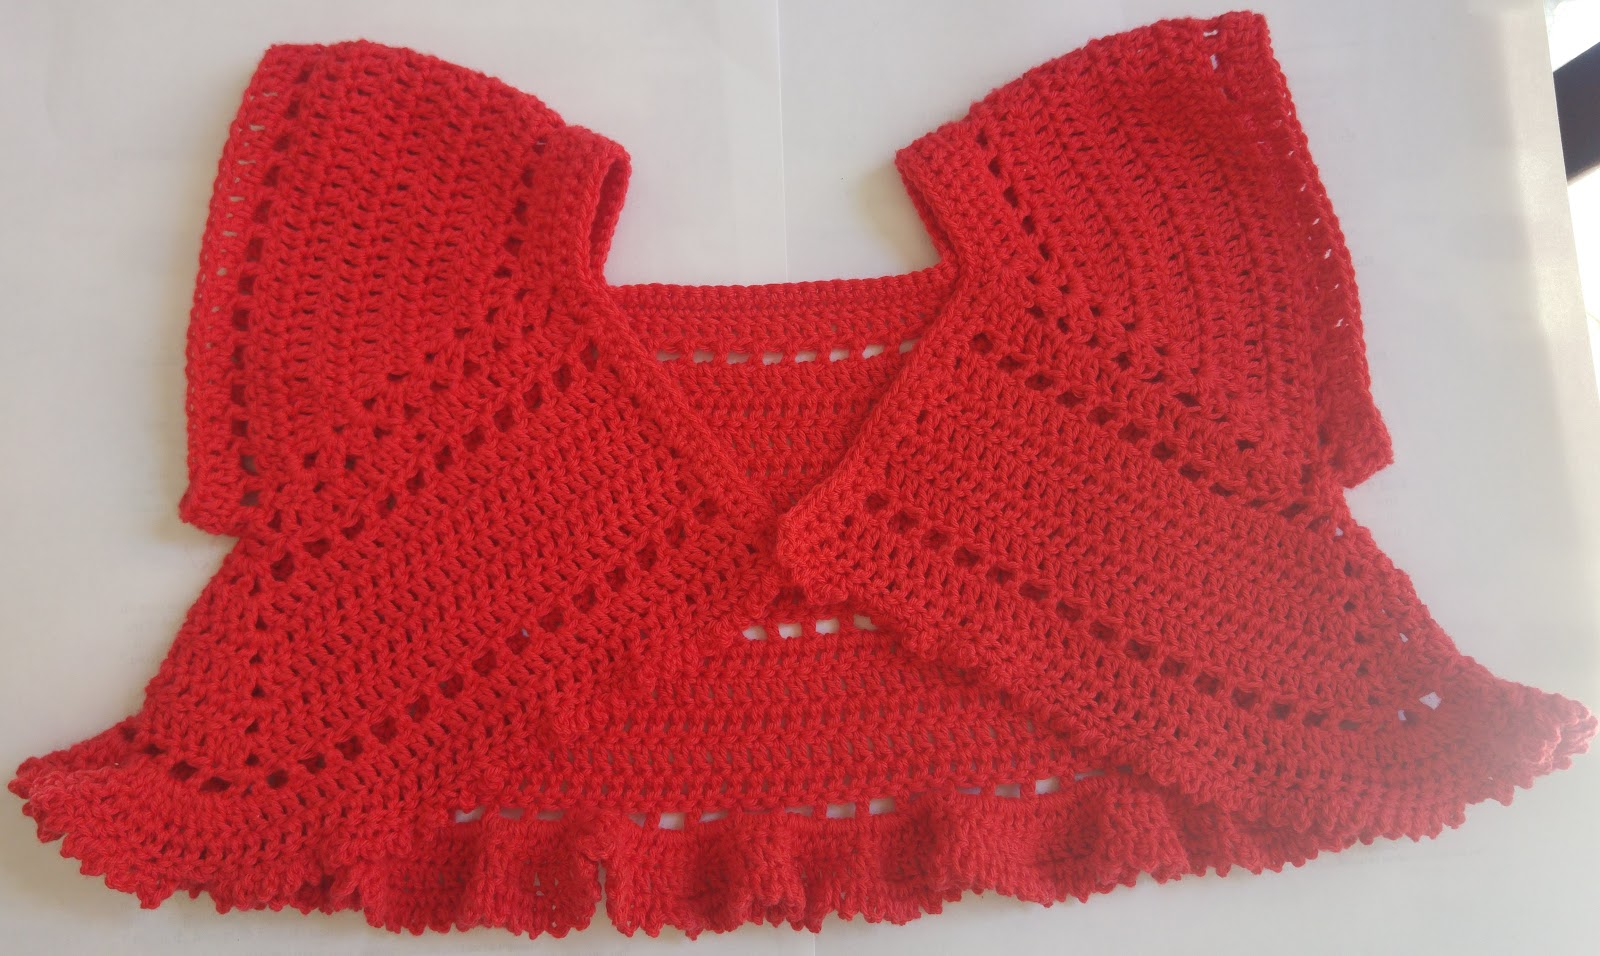 Crochet Knitting Butterfly Shrug